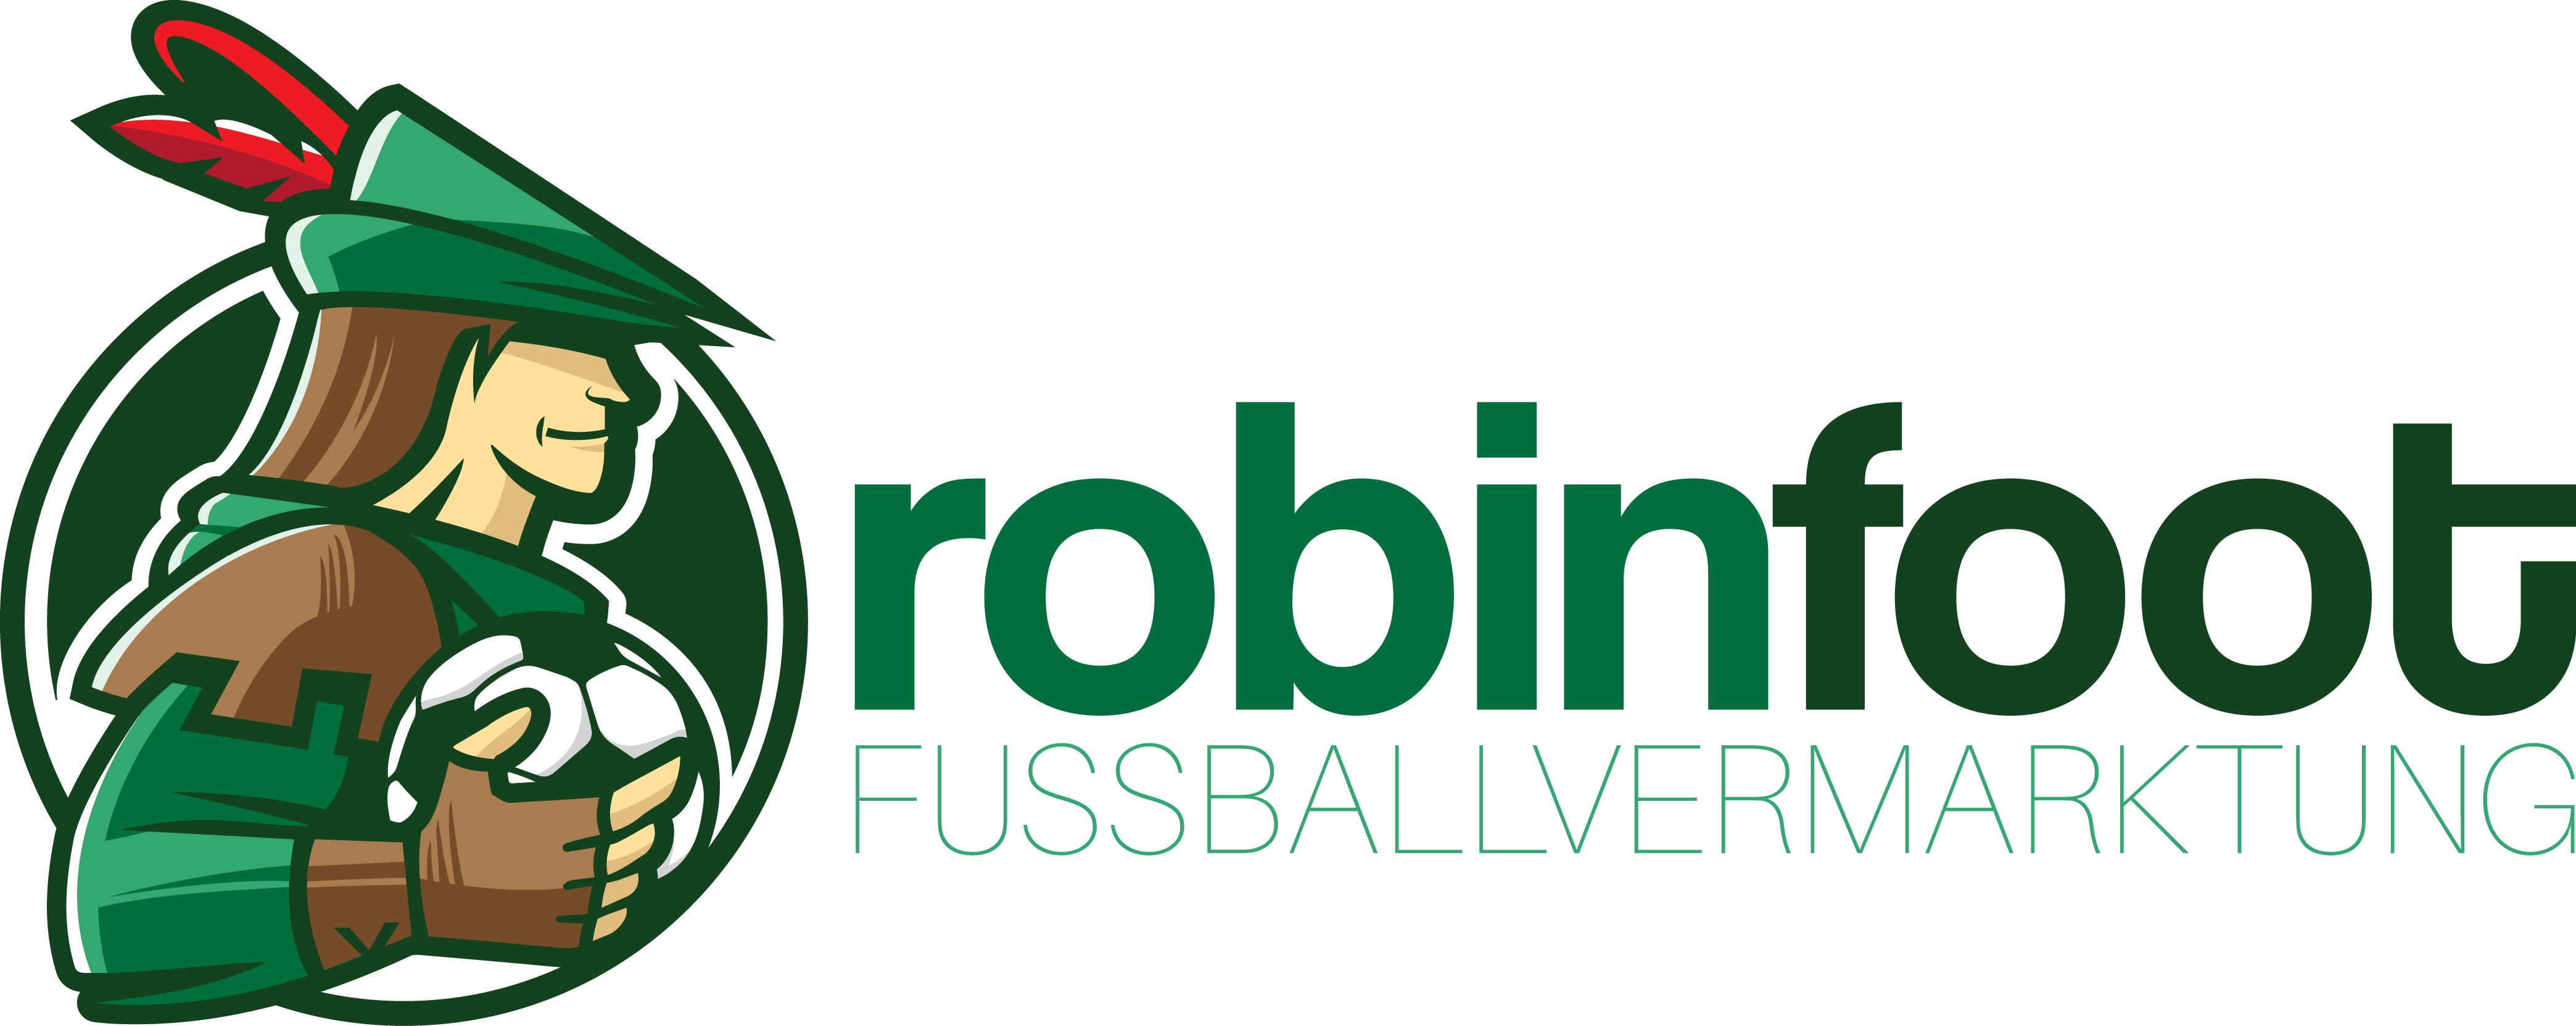 Logo-Design für Agentur für Sportvermarktung gesucht